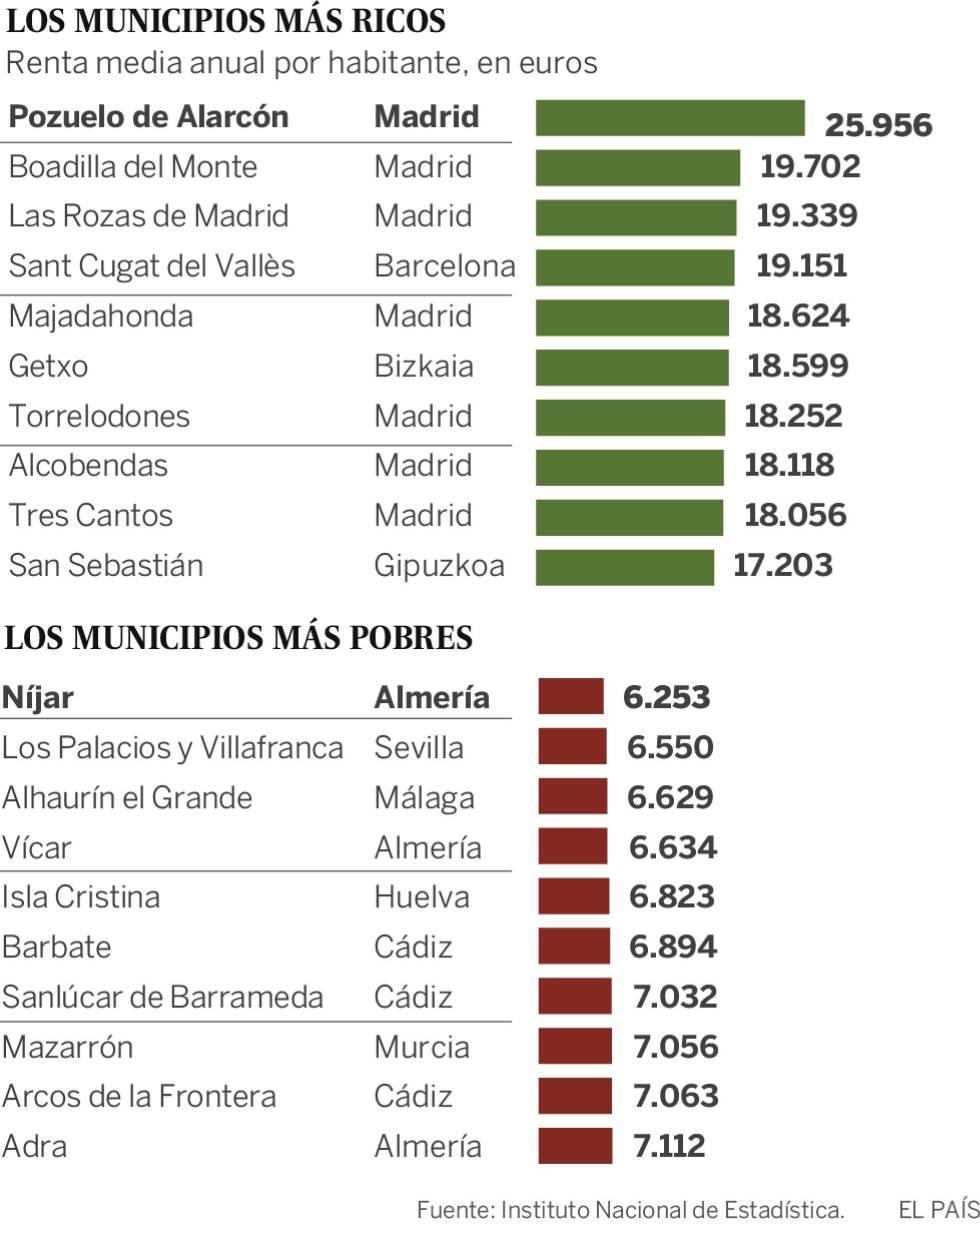 Pozuelo, Las Rozas... ¿Qué tienen en común todos los municipios ricos de España?